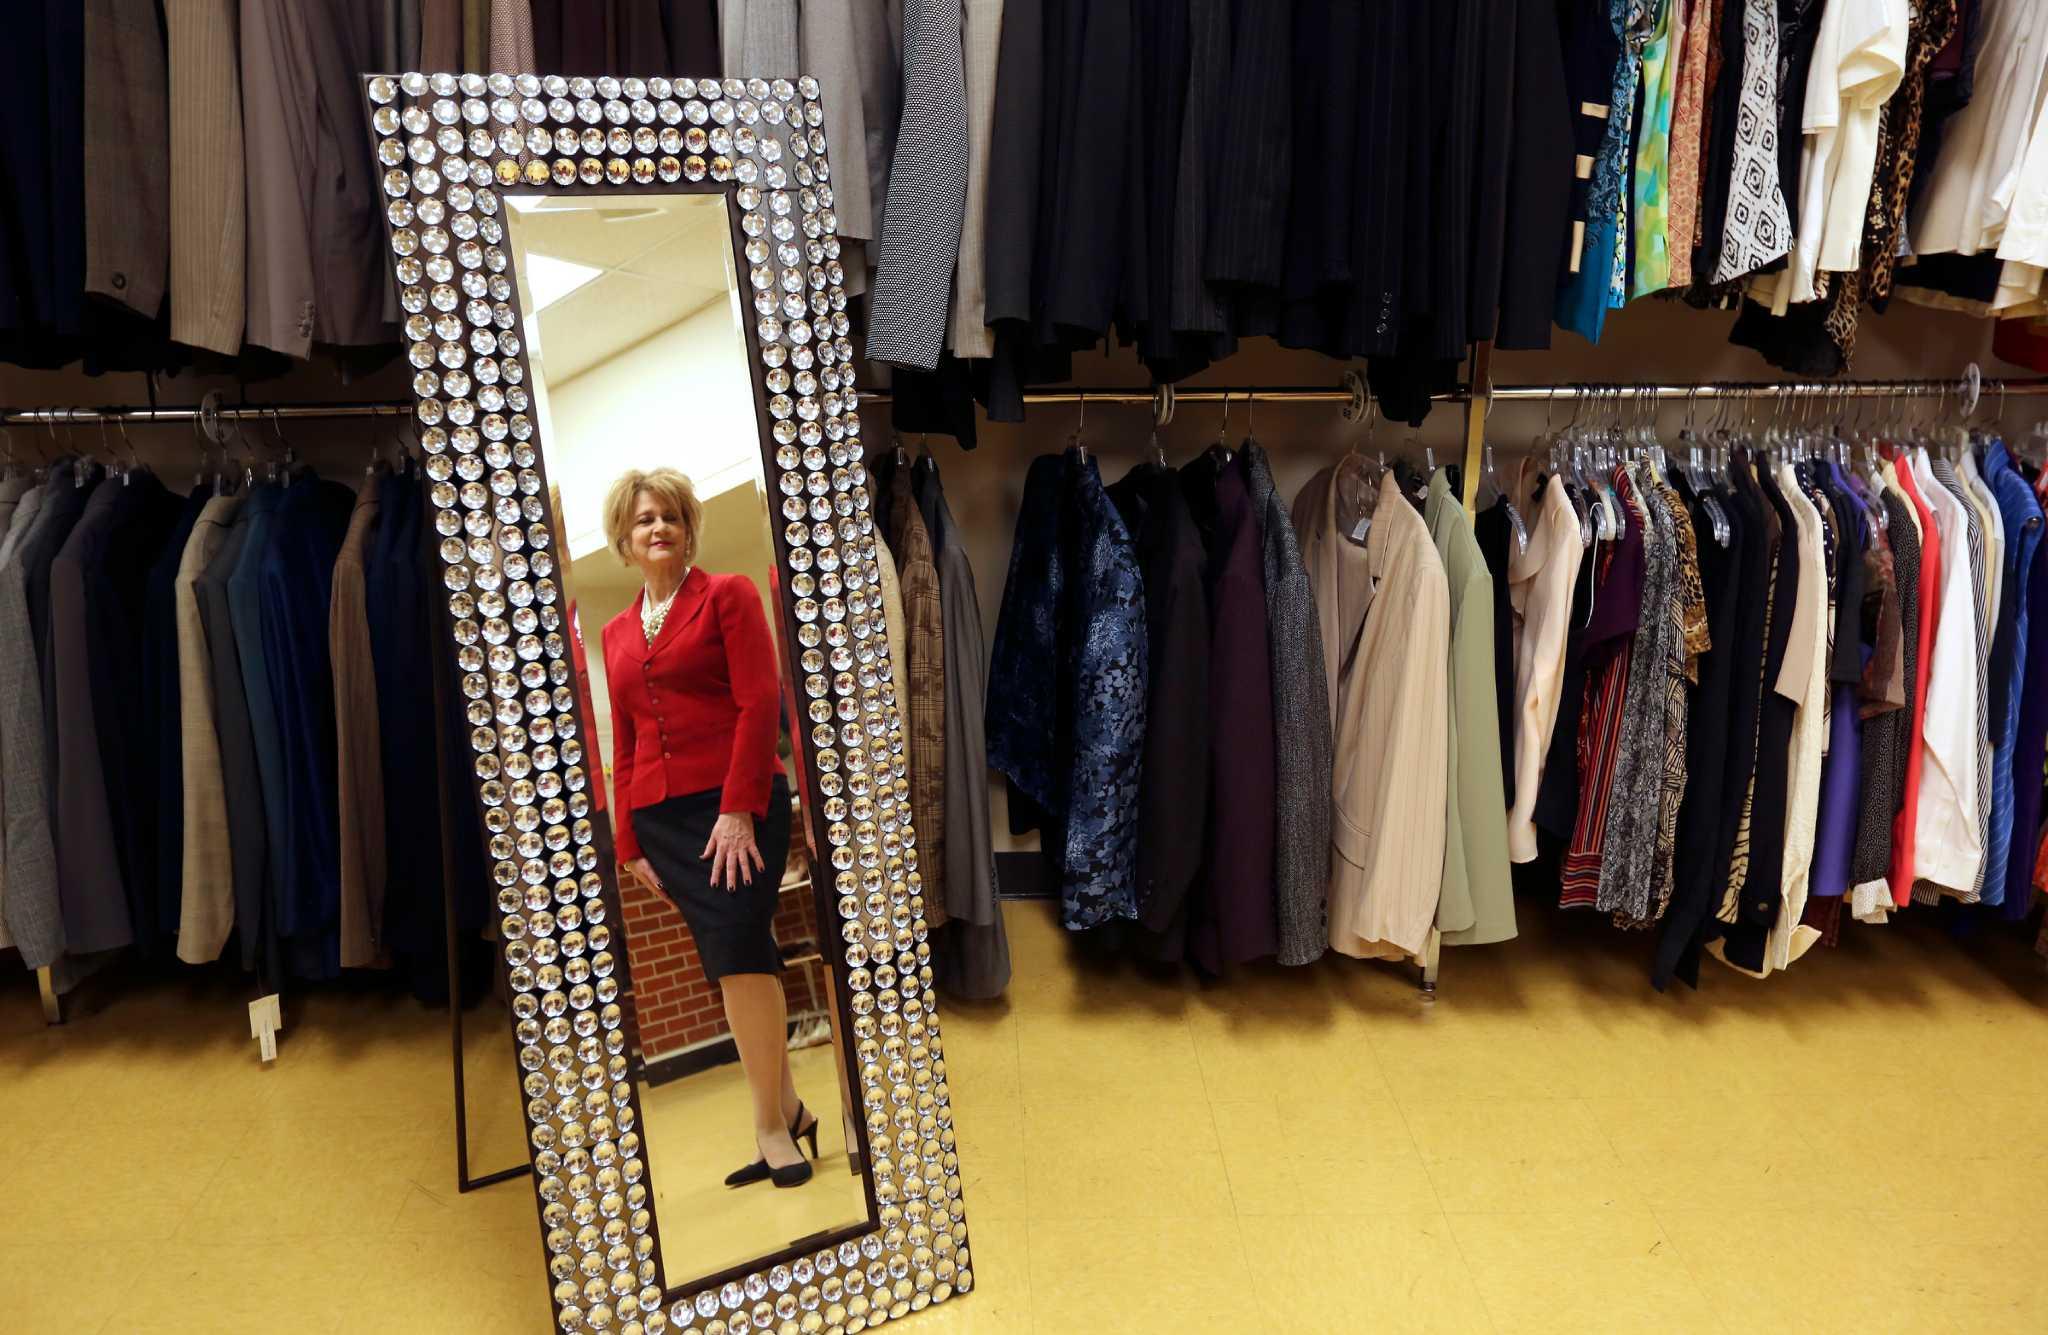 pamela taylor s dress for success growing san antonio express news